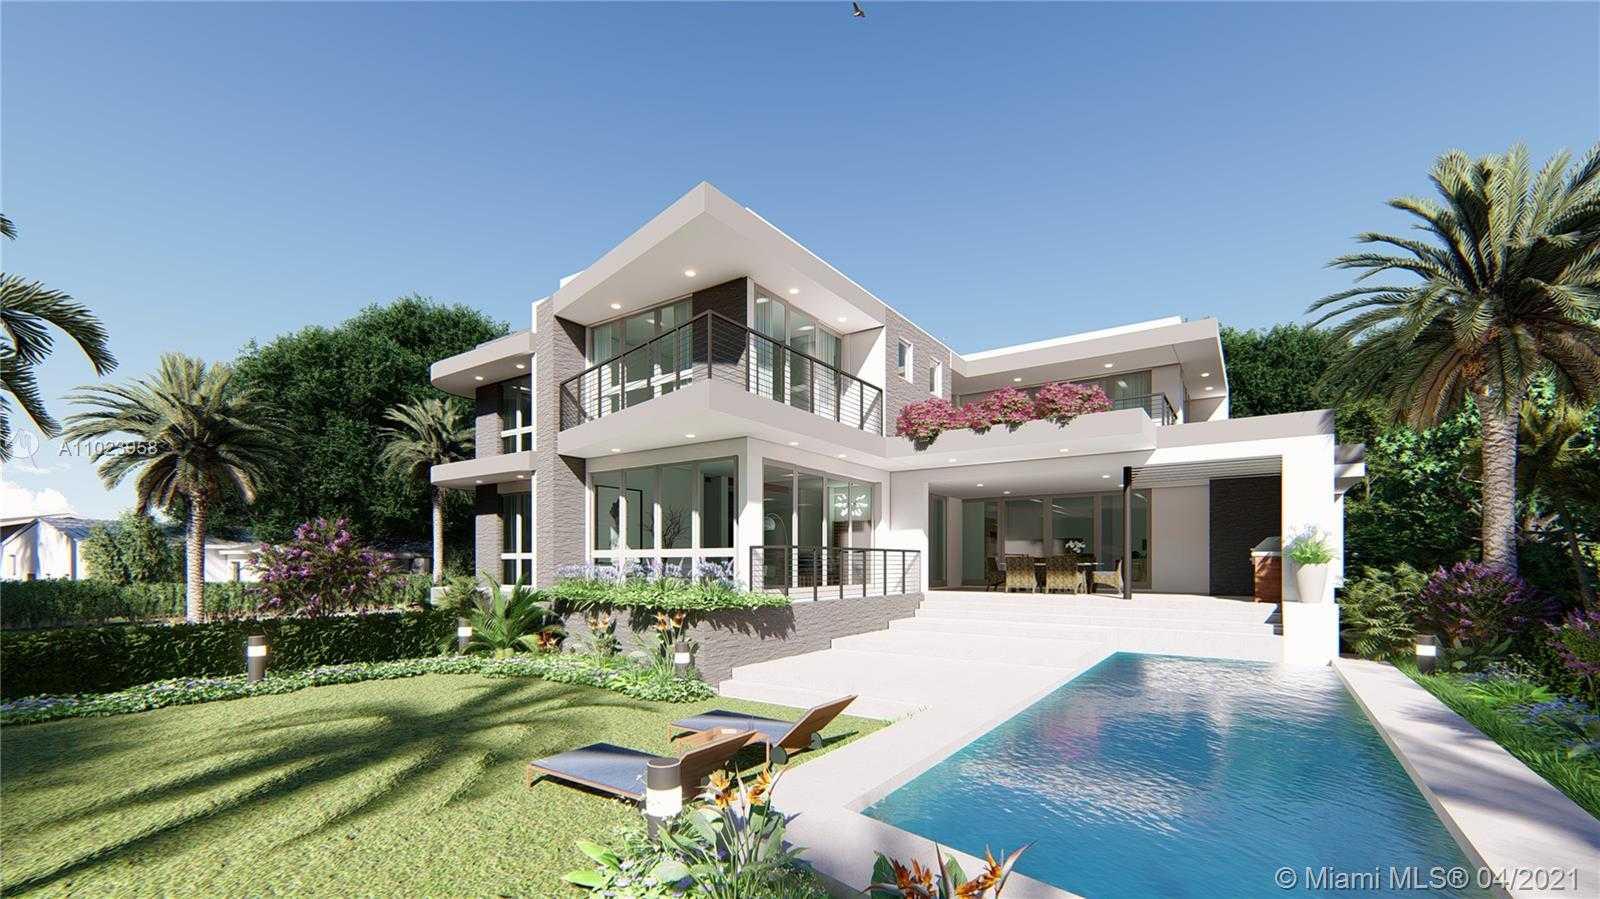 Maison Miami  -  ref MIA357536694 (picture 2)